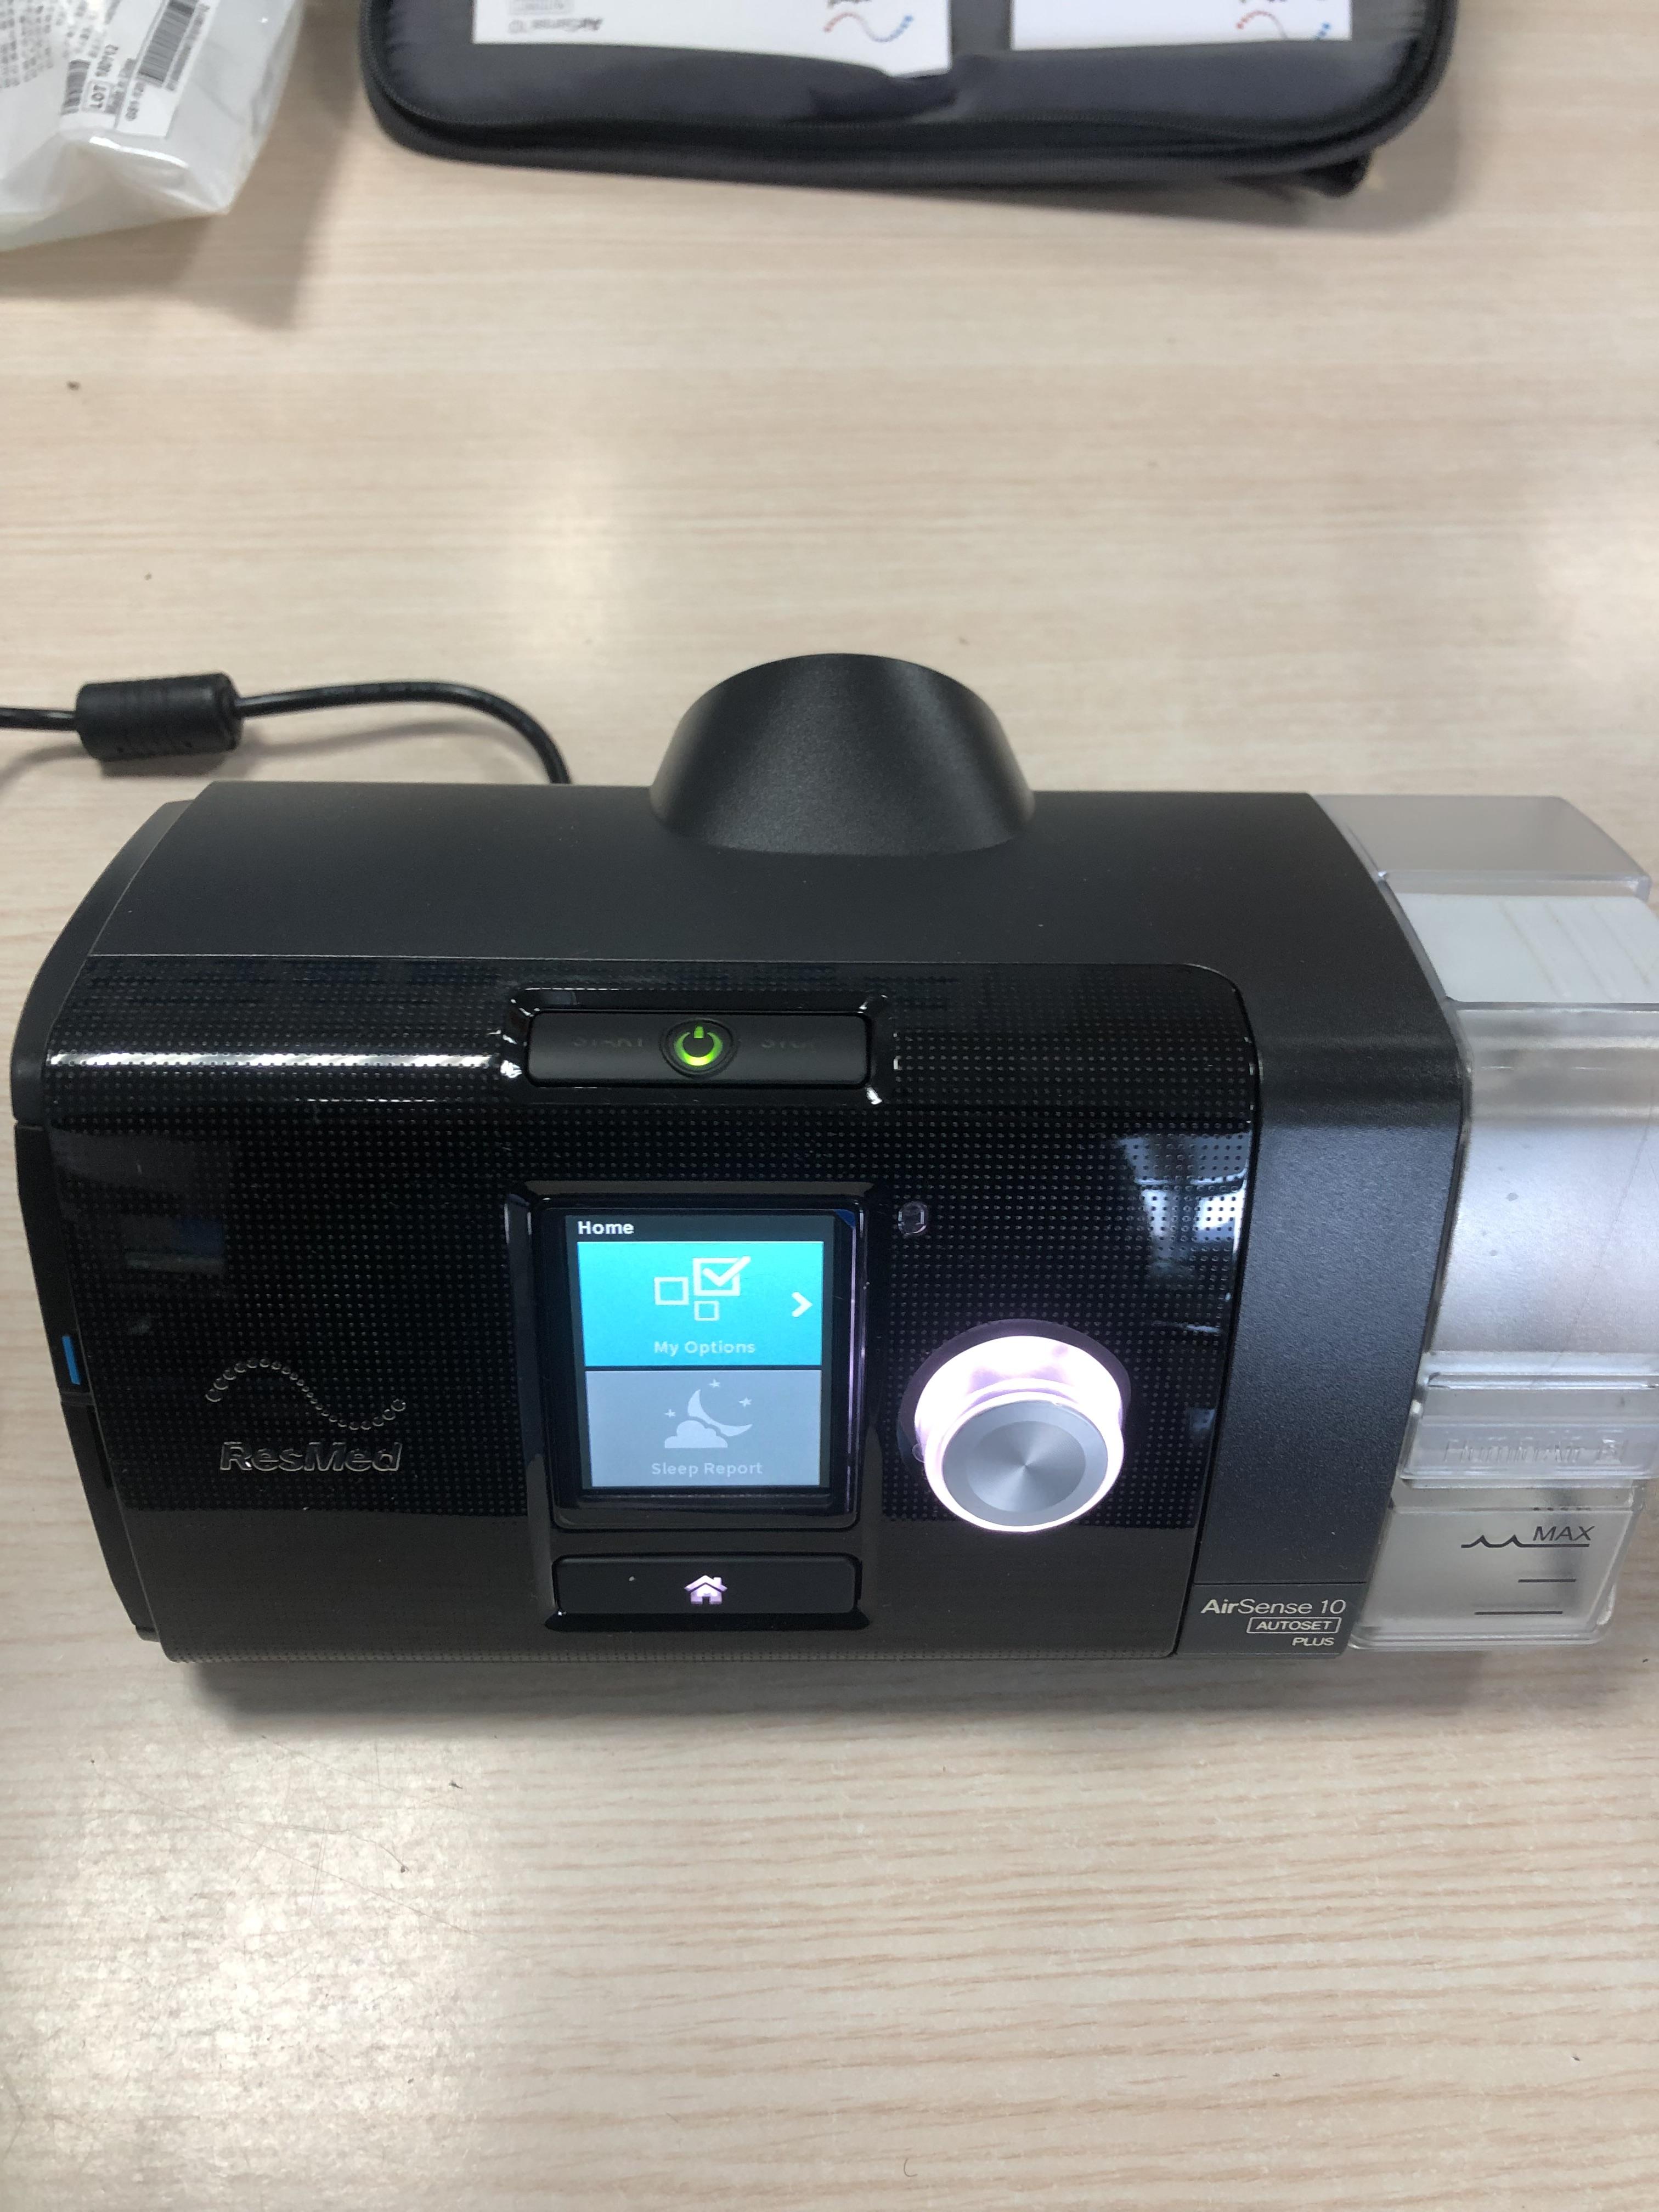 瑞思迈S10呼吸机价格报价和什么有关